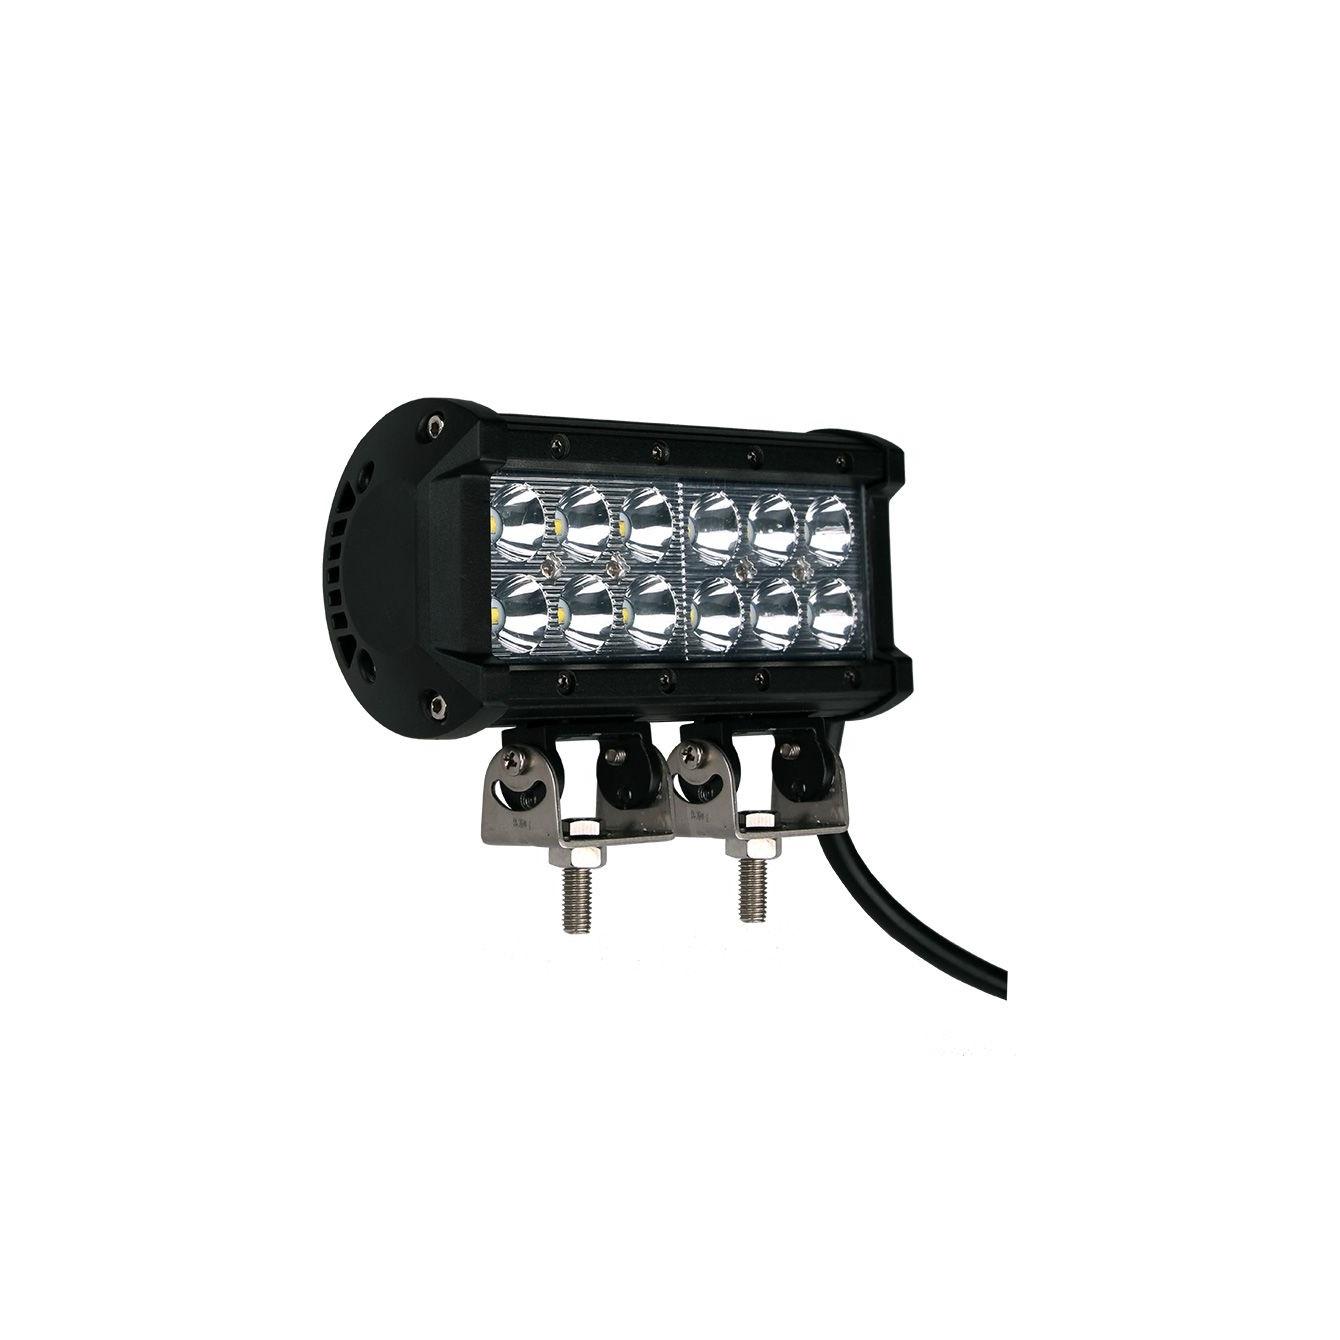 SHARK LED EPISTAR 12 3W 3600 LM 9-32V COMBO